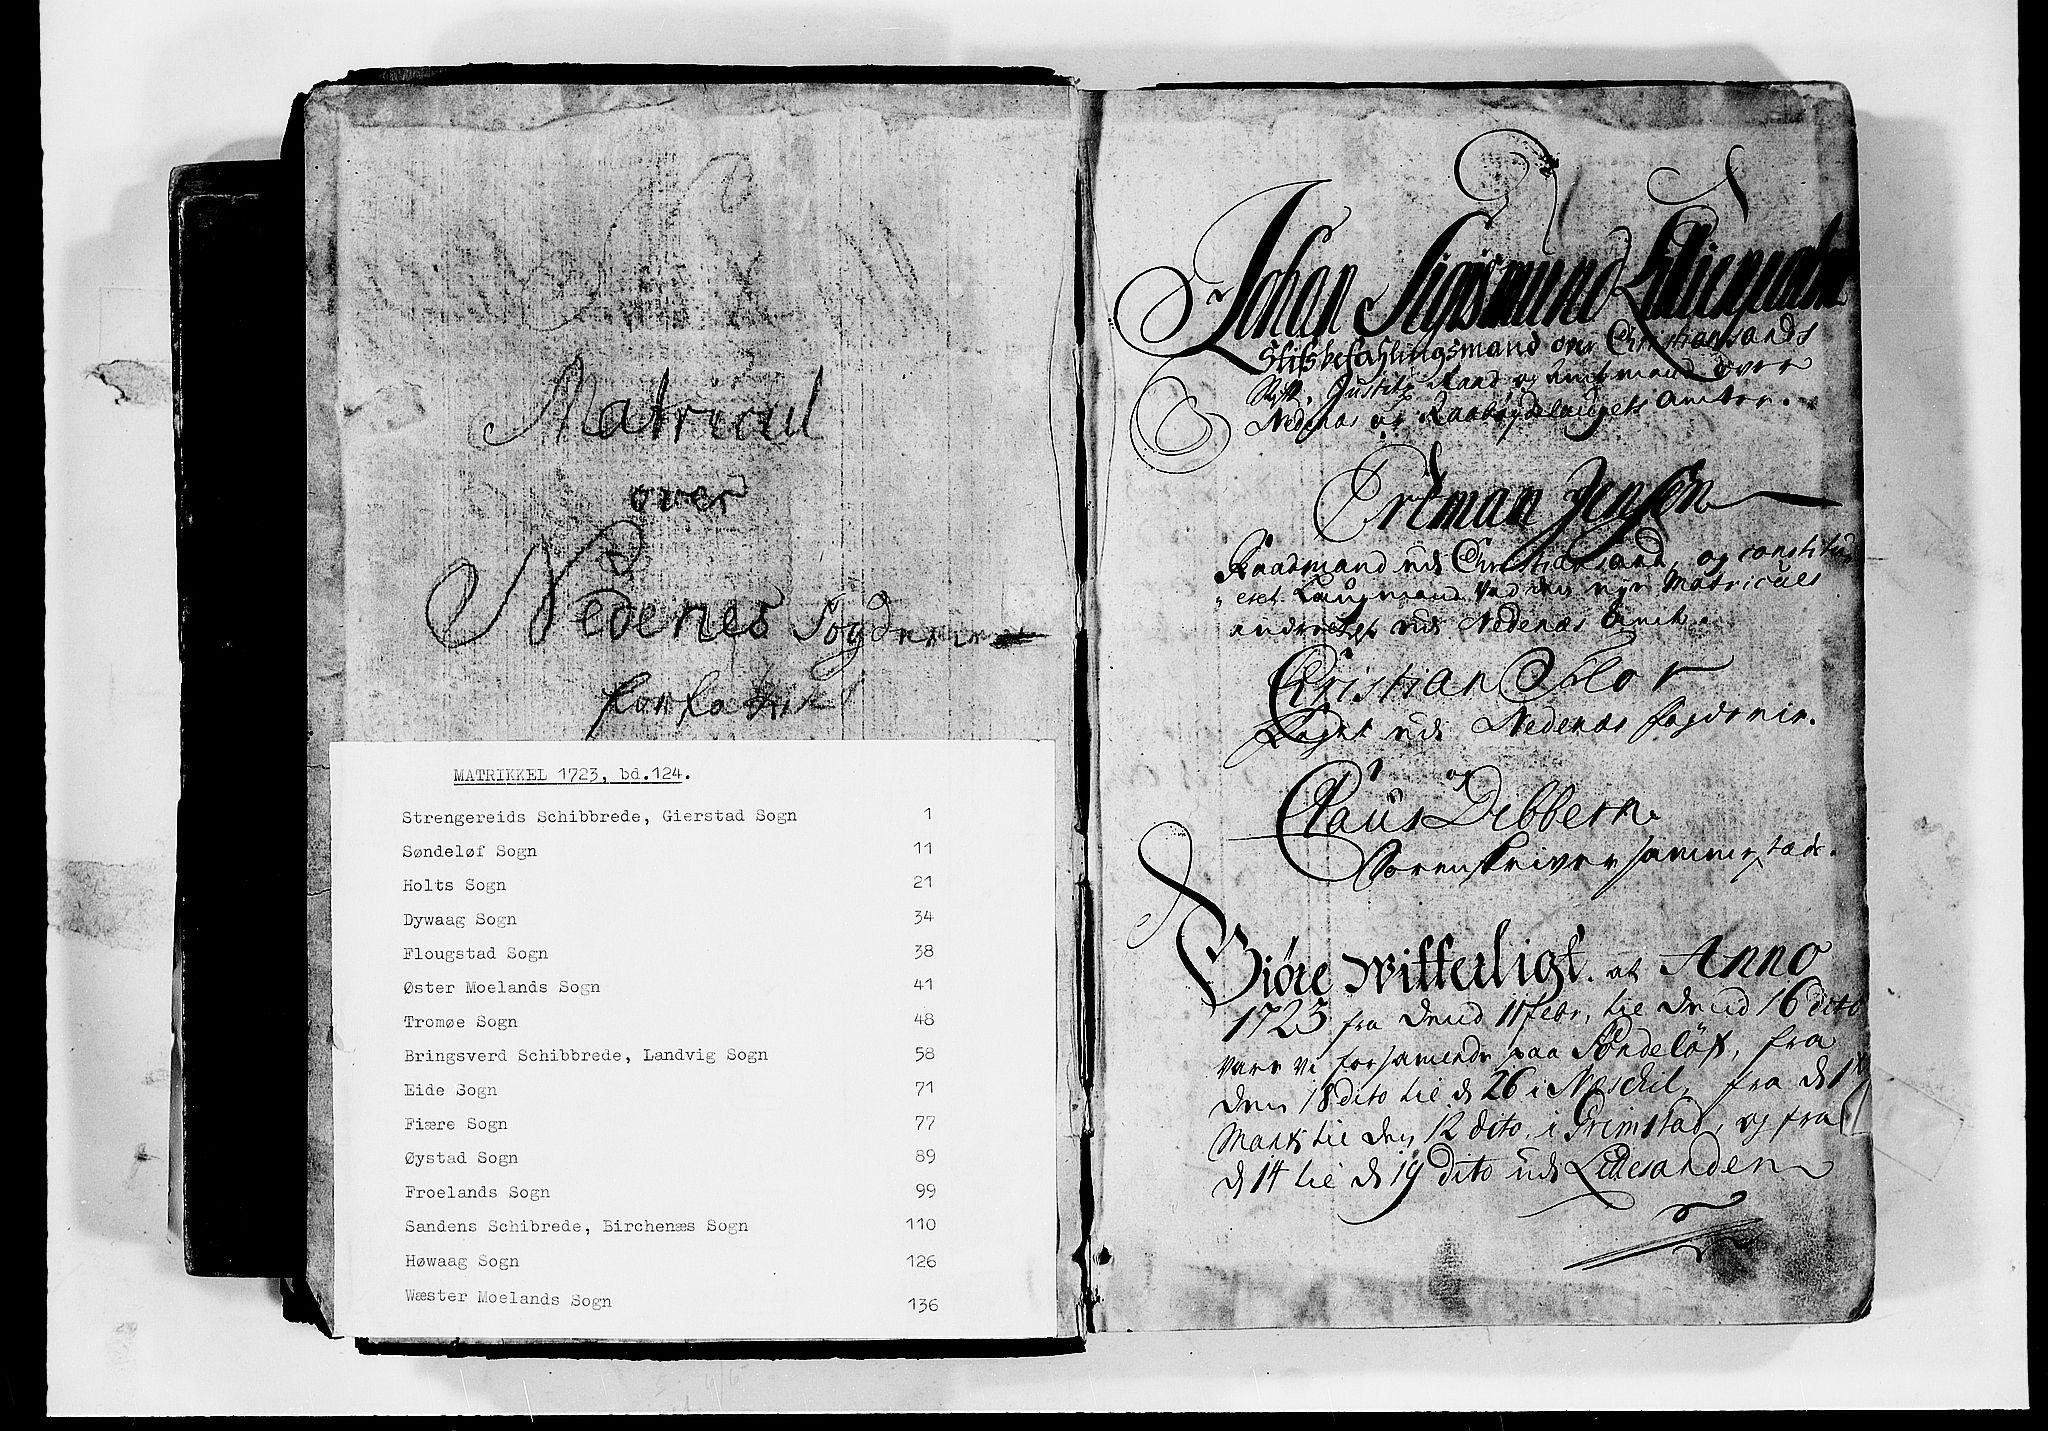 RA, Rentekammeret inntil 1814, Realistisk ordnet avdeling, N/Nb/Nbf/L0124: Nedenes matrikkelprotokoll, 1723, s. upaginert